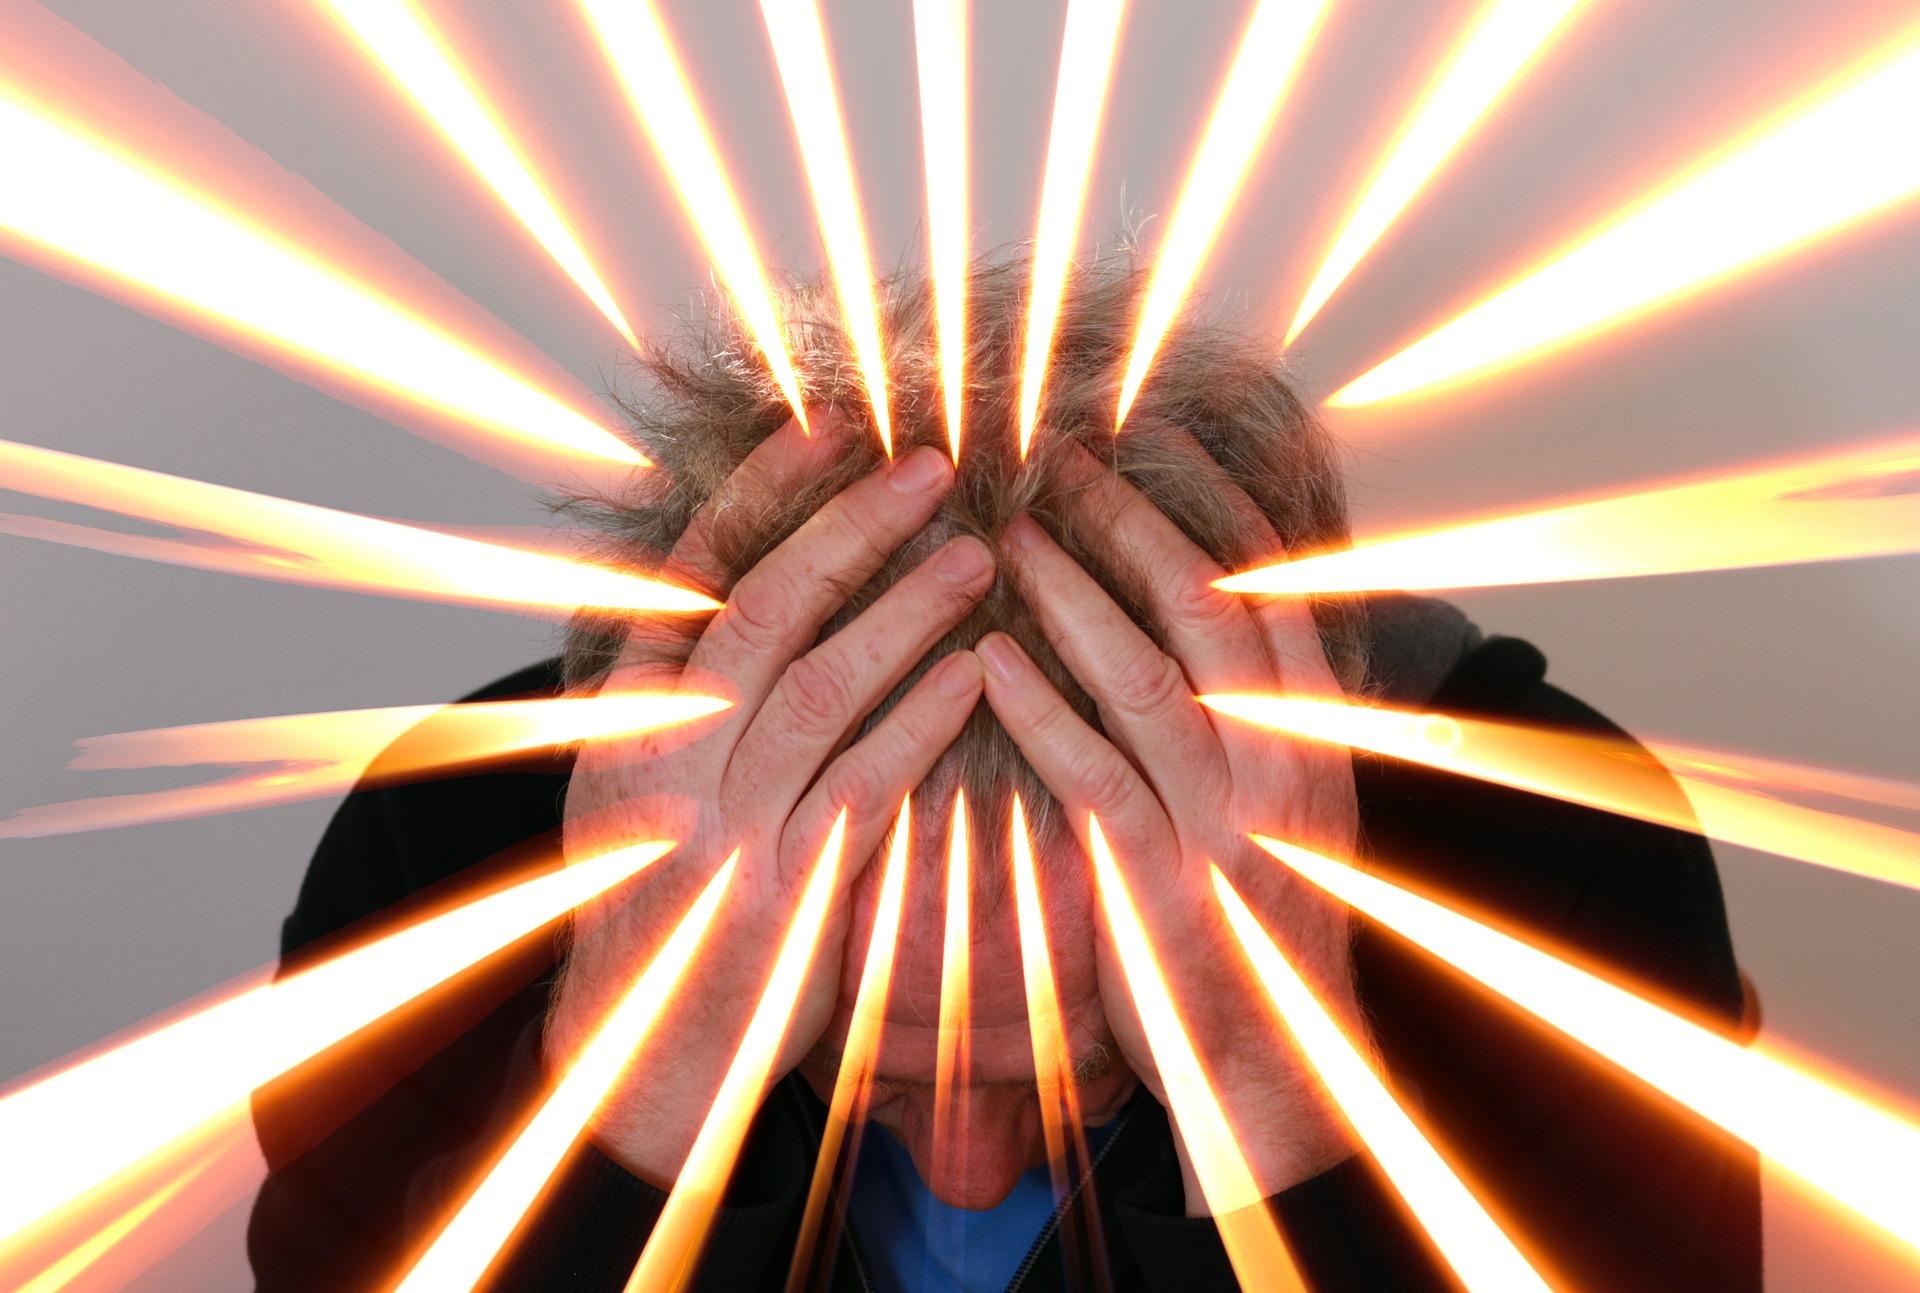 Munkahelyi átszervezés a legnagyobb stresszfaktor?